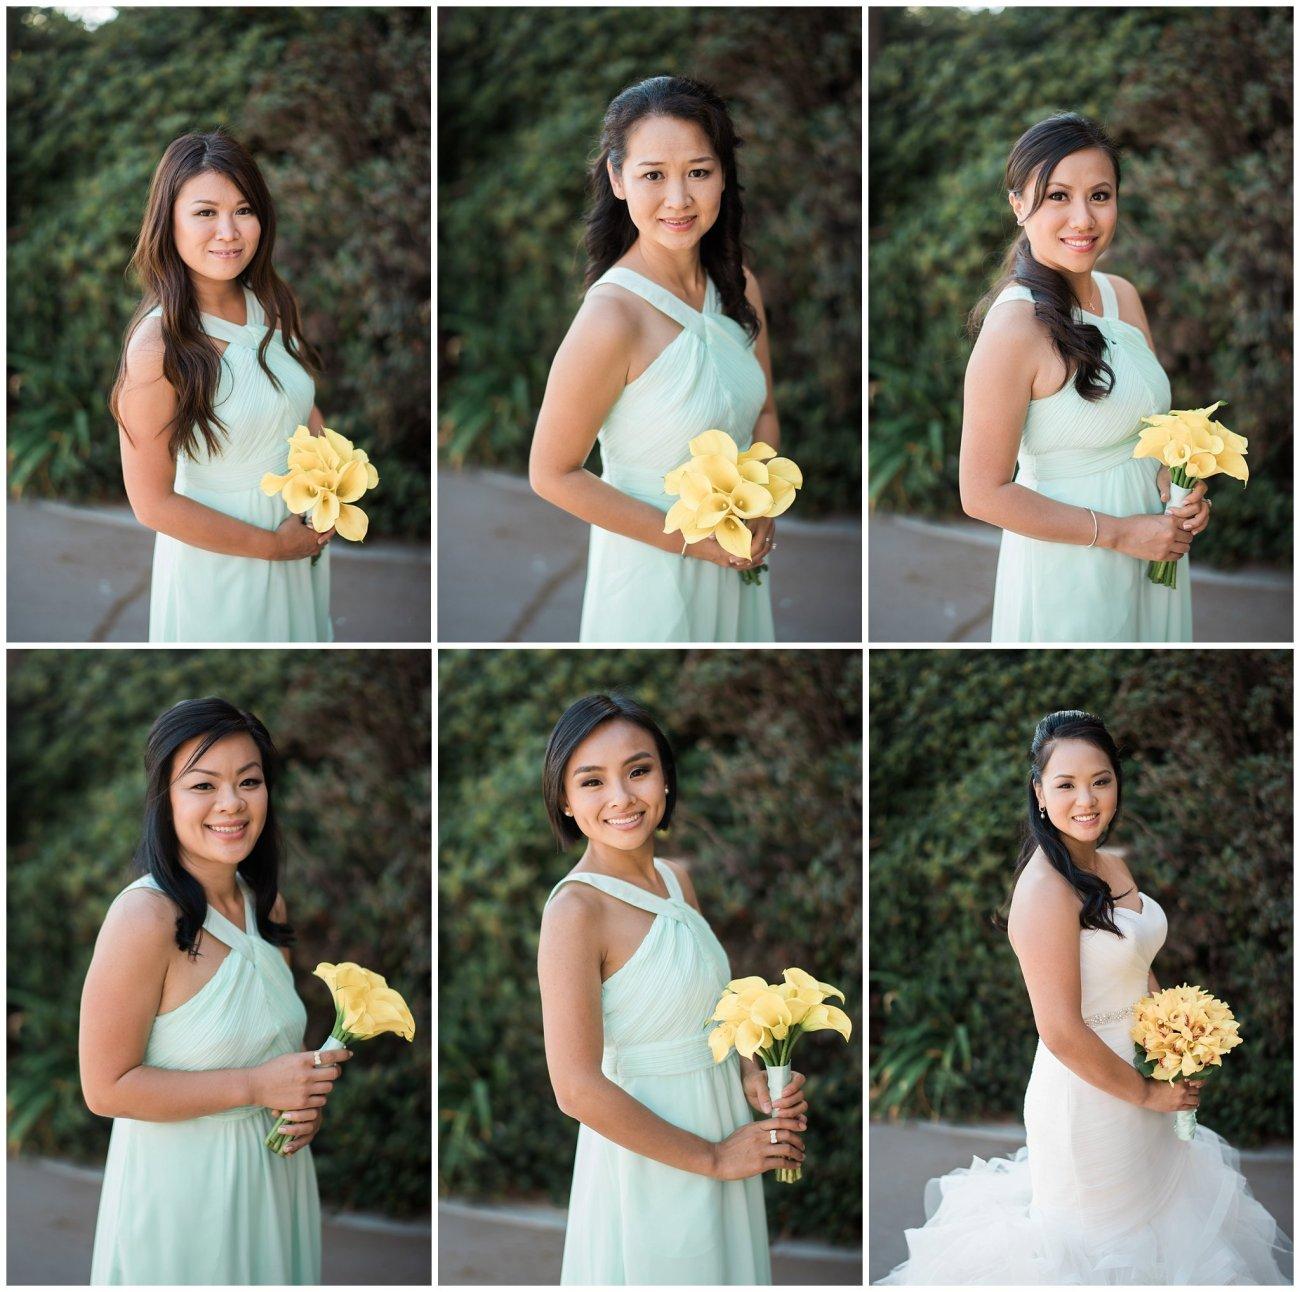 Ha & Allen Wedding Third Element Photography & Cinema Pismo Beach Cliffs Resort Central Coast Hybrid Film Wedding Photographer_0019